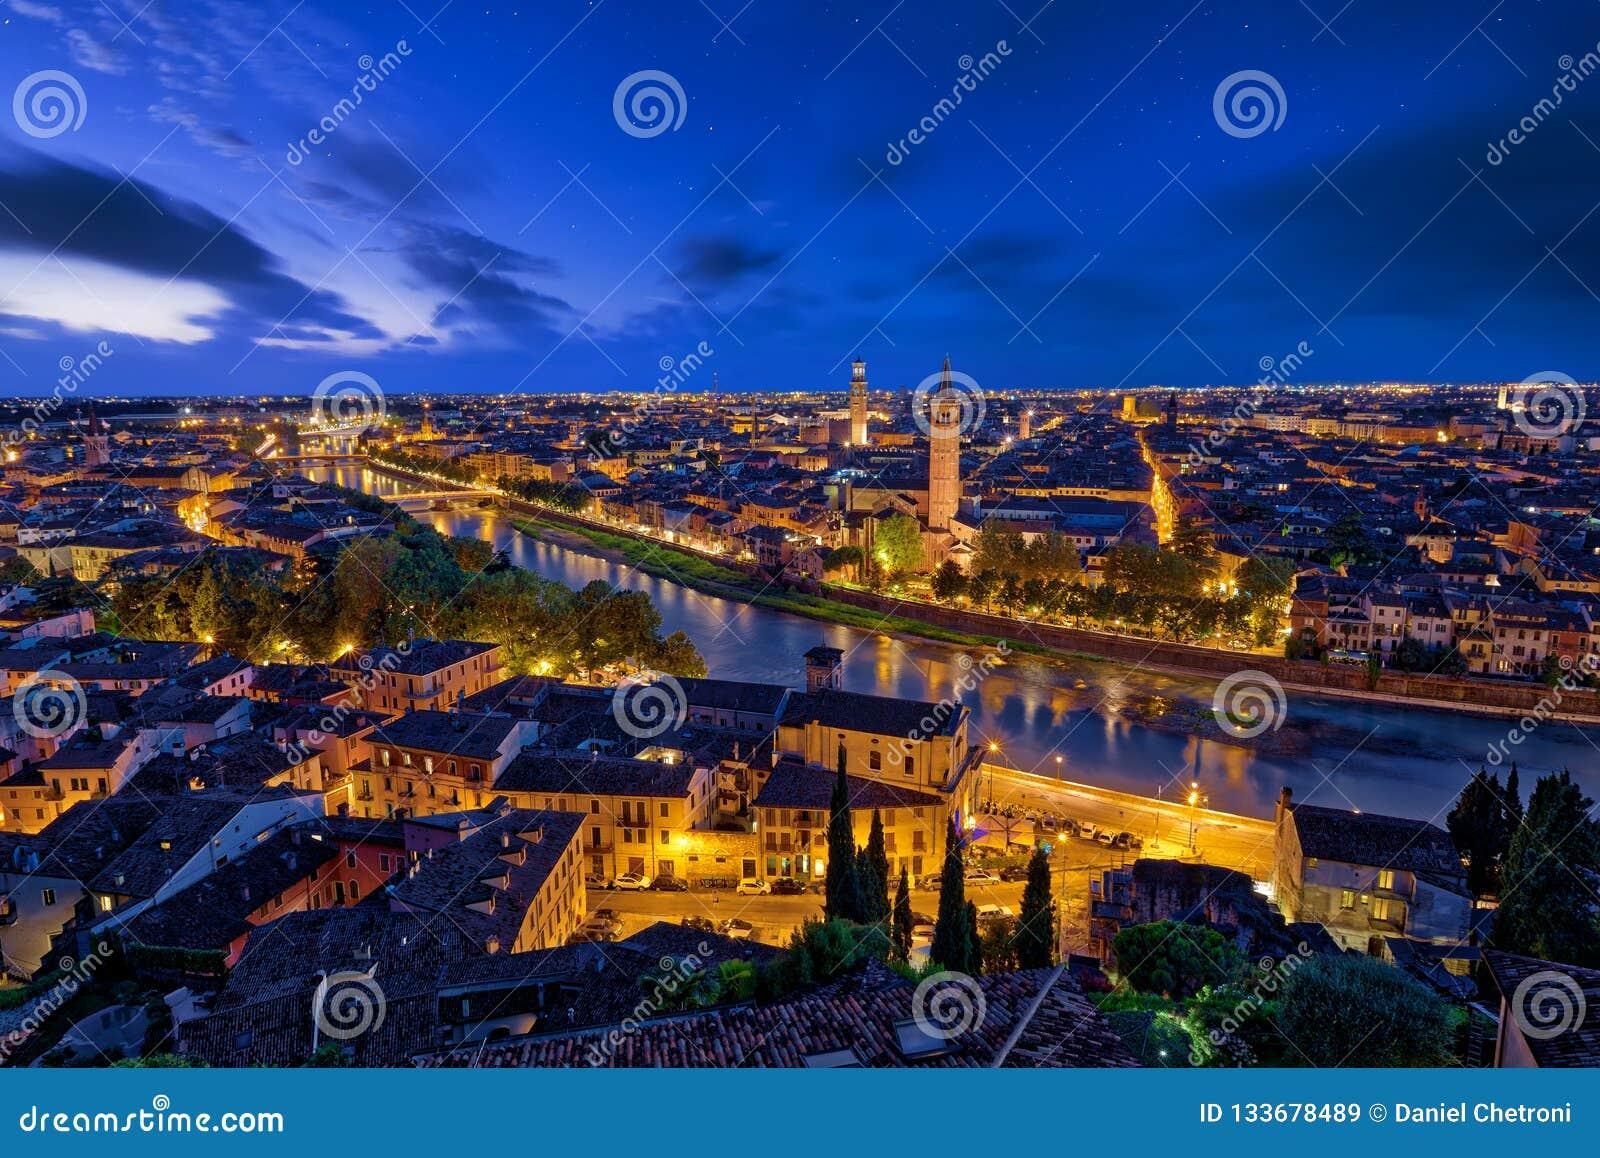 Panoramisch satellietbeeld van Verona, Italië bij blauw uur, na summe